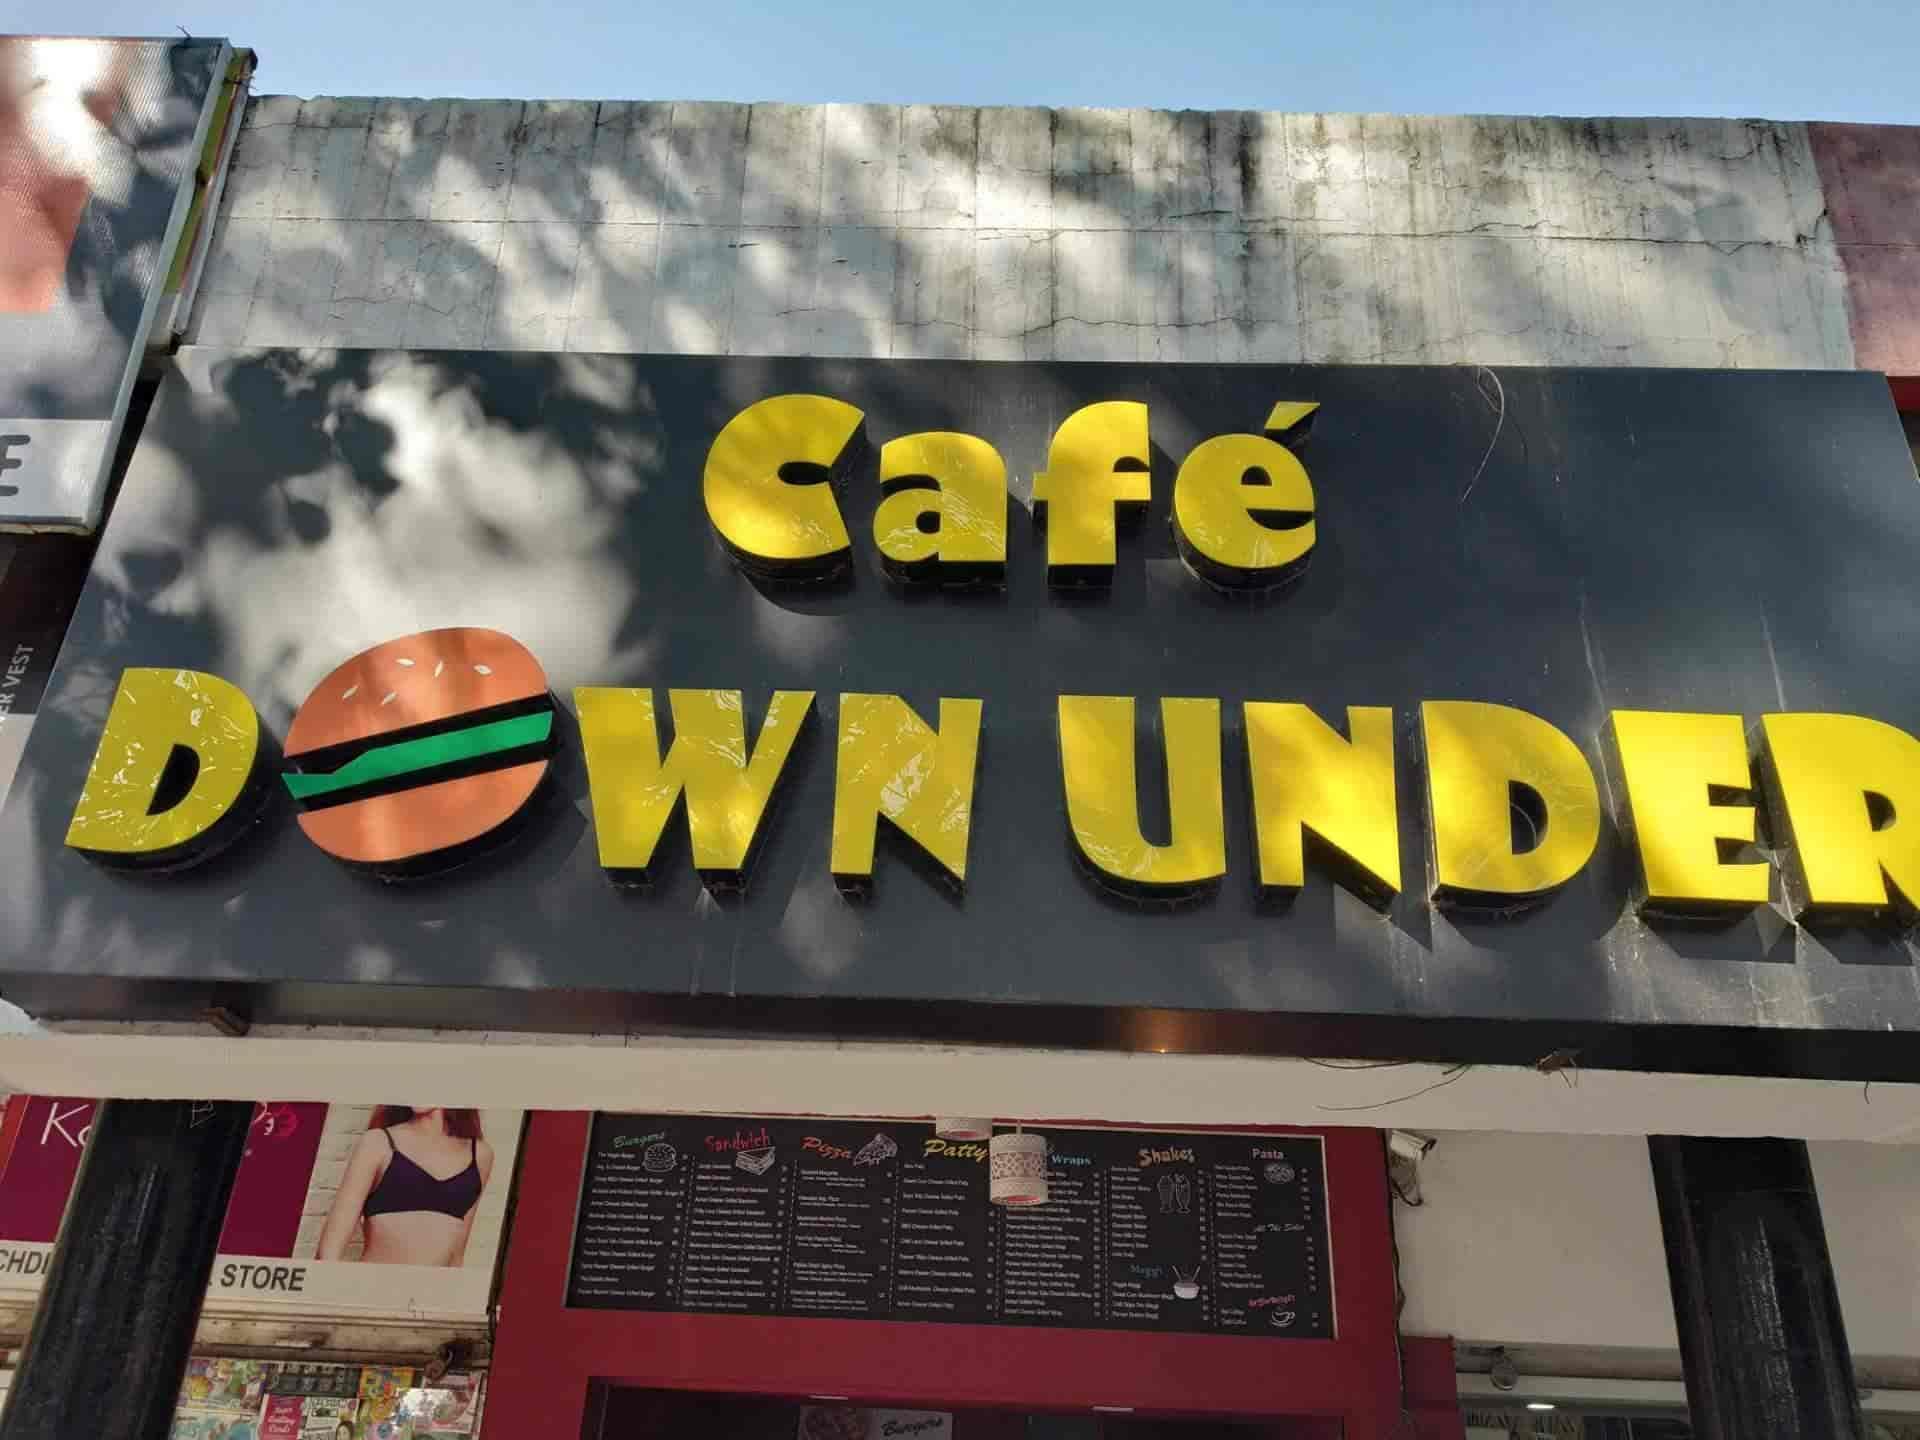 Cafe Down Under, Chandigarh Sector 31d, Chandigarh